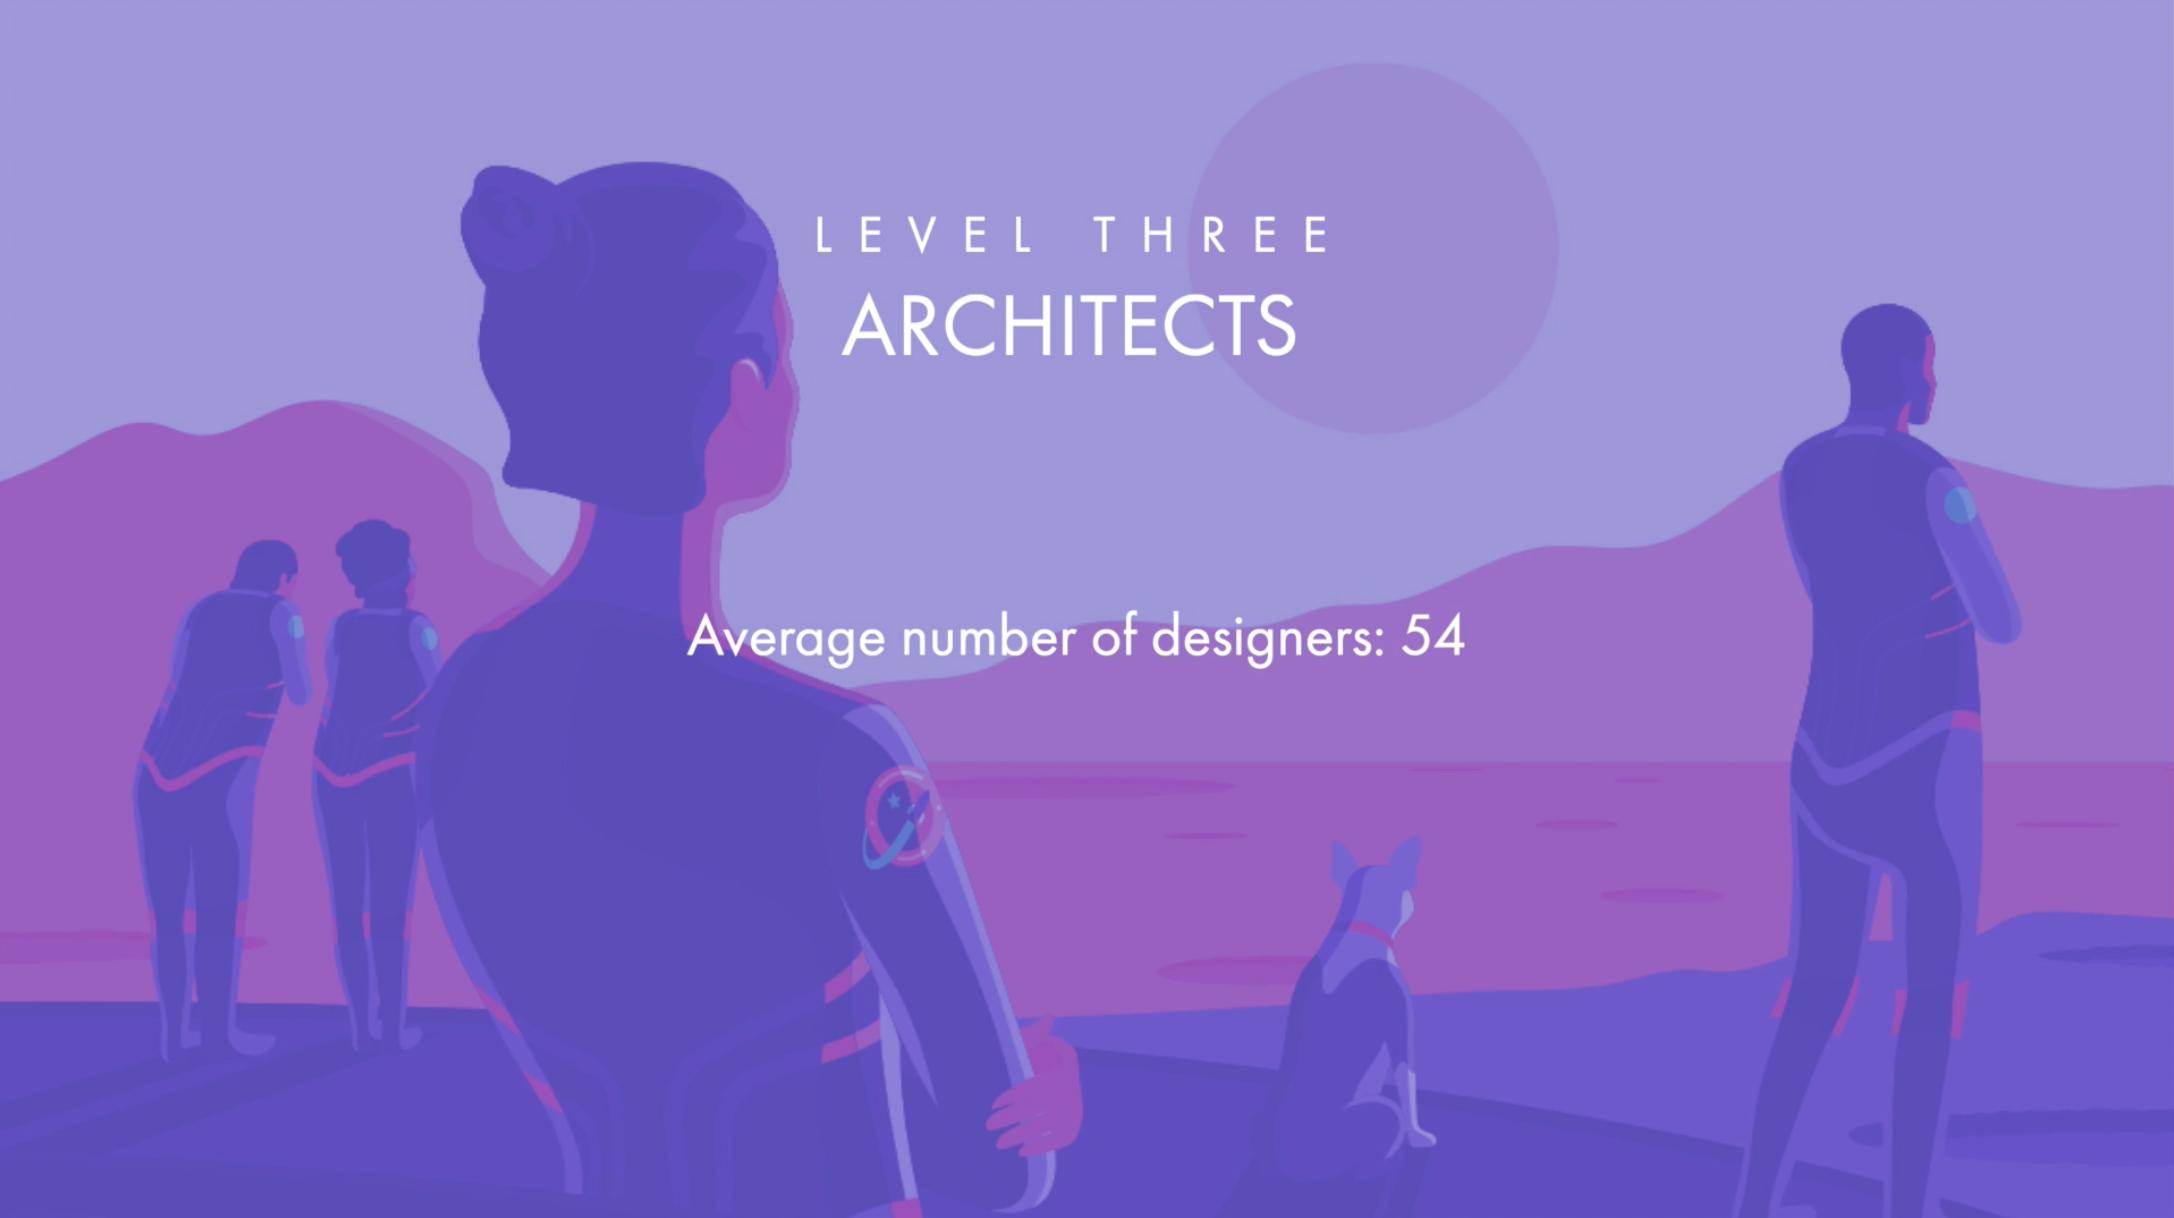 Level 3 - Architects